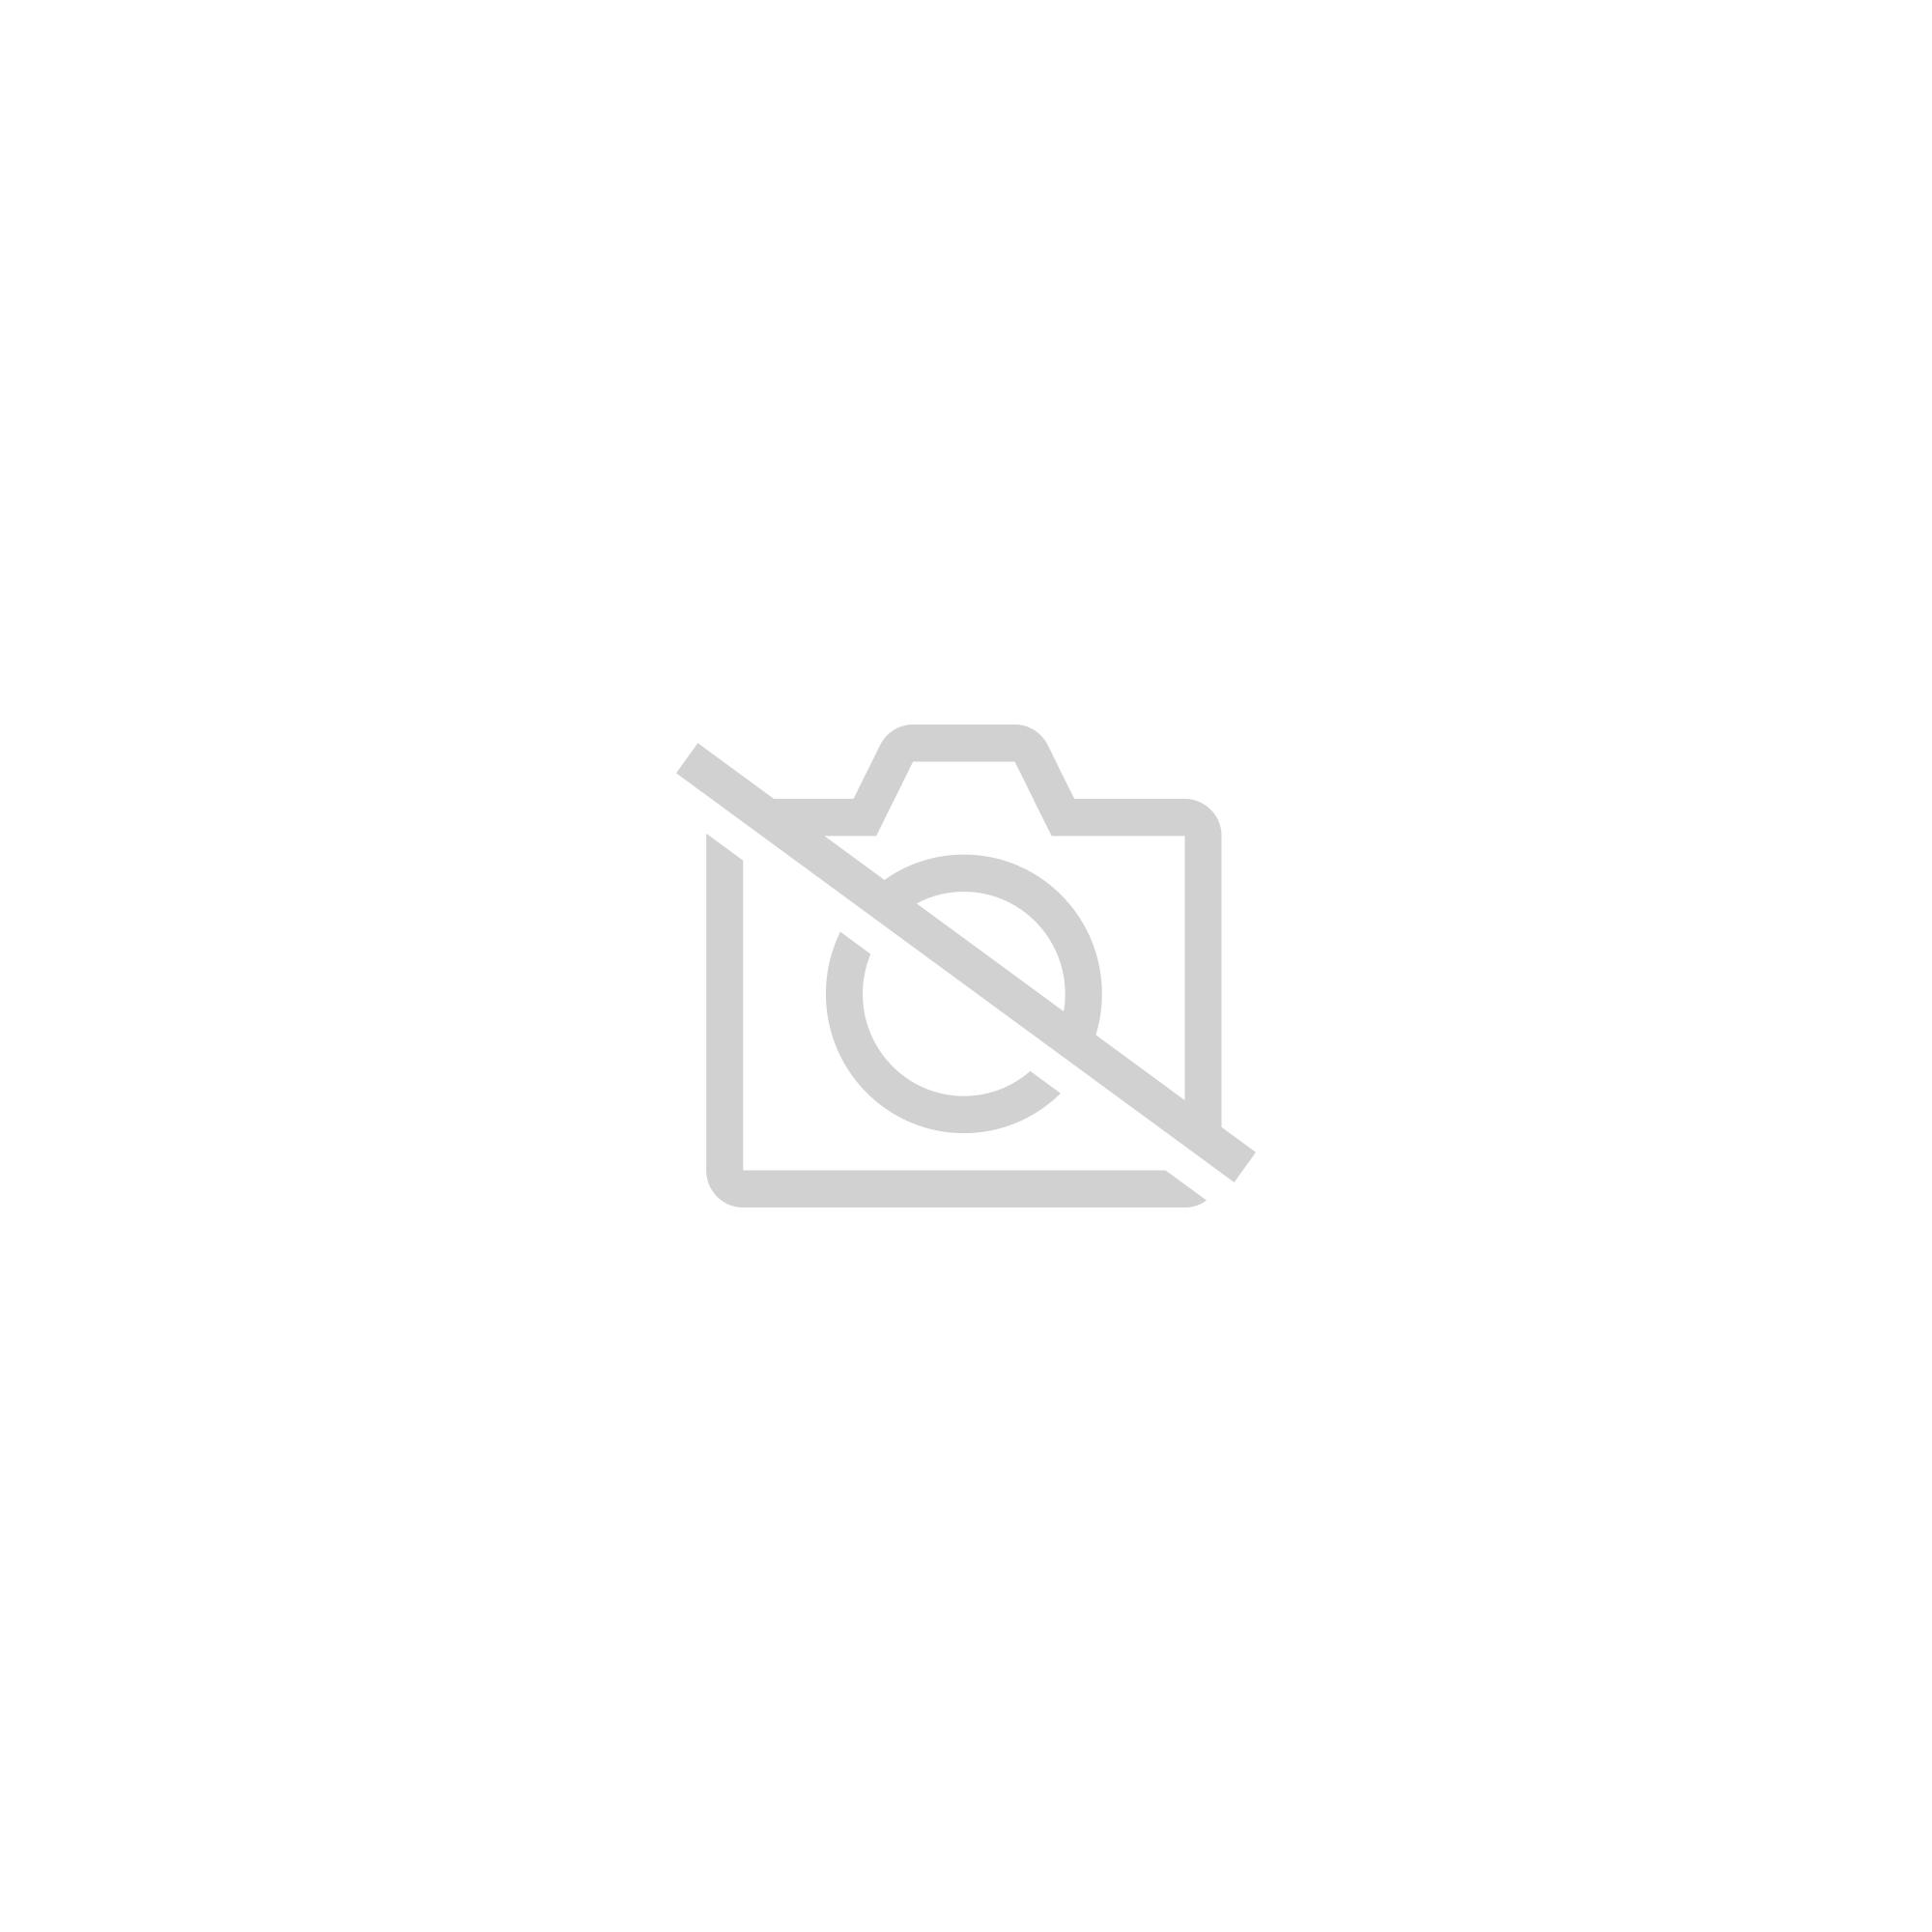 Blackberry 9720/ 9720 Samoa: Lot Coque Etui Housse Pochette Accessoires Silicone Gel Films Chargeur Voiture - Transparent